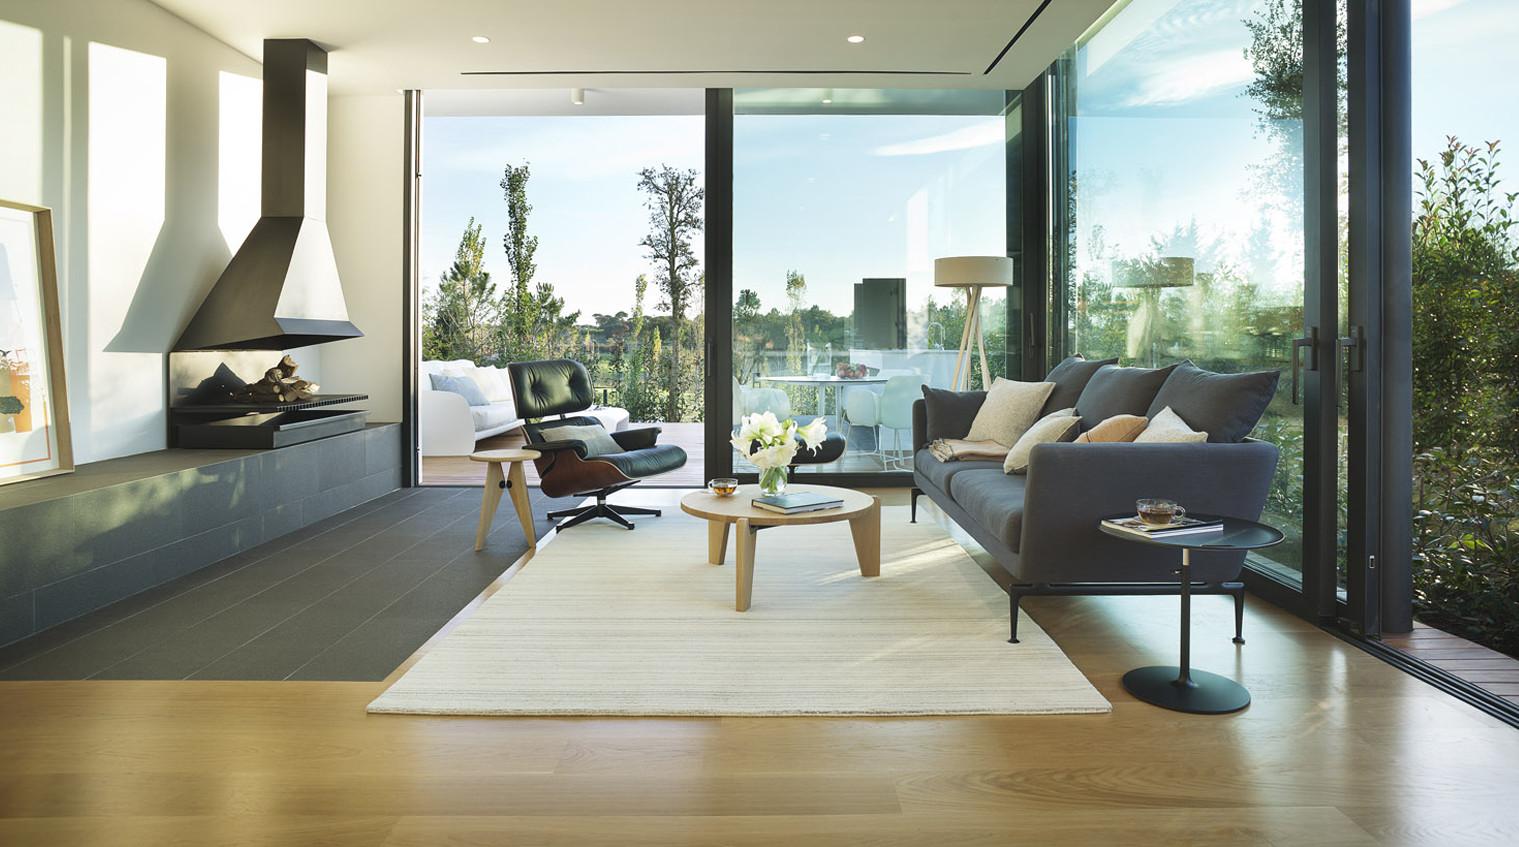 Las casas de la balca arquitectura naturaleza y buen for Arquitectura y diseno de casas